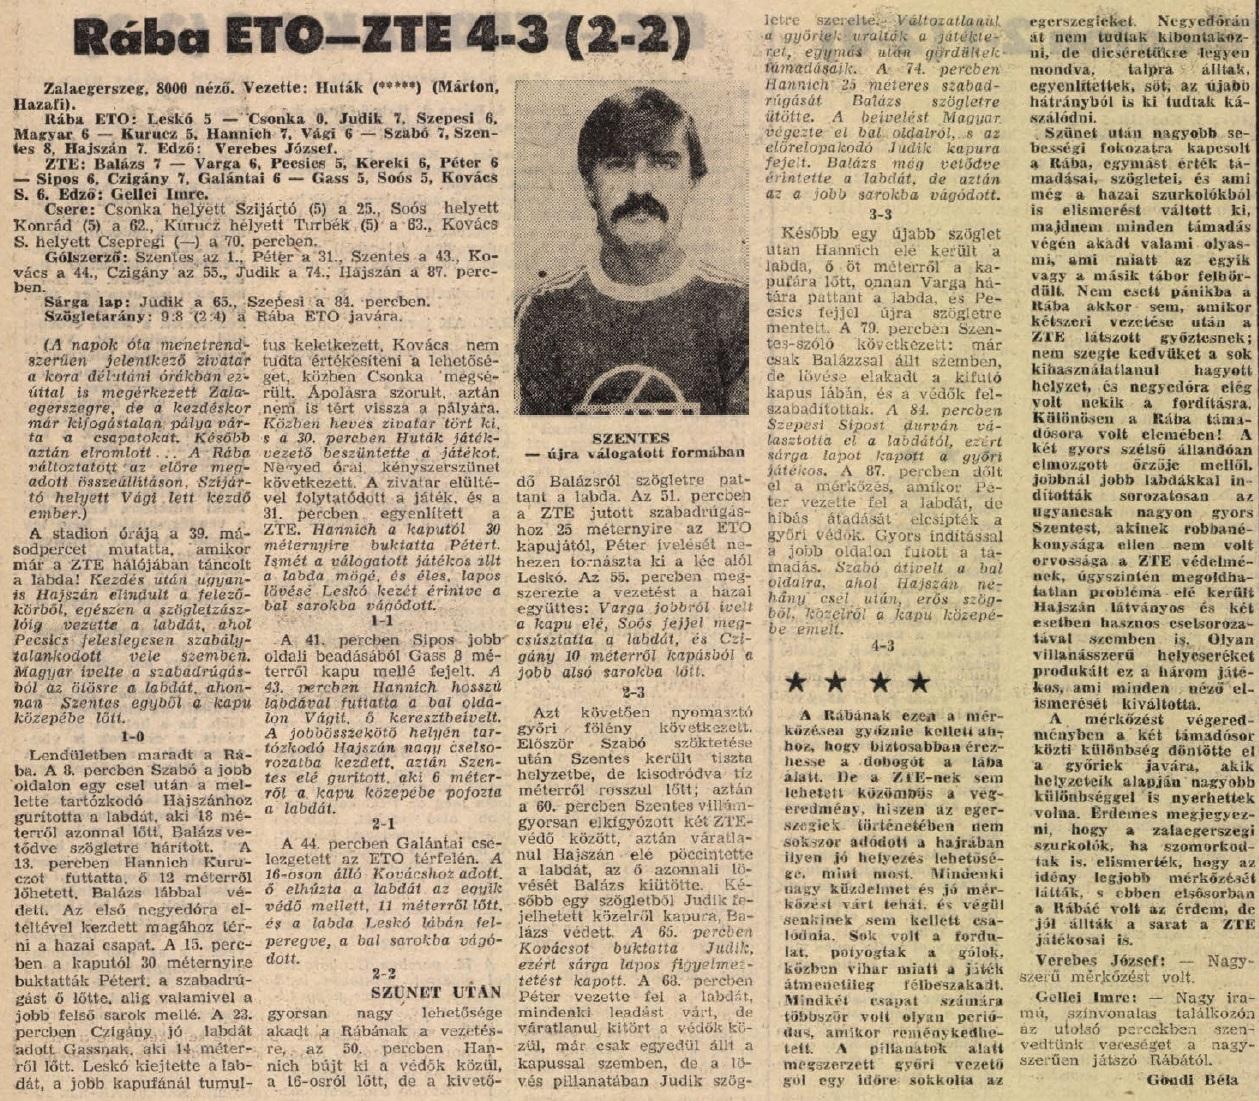 idokapszula_nb_i_1983_84_29_fordulo_zte_raba_eto.jpg